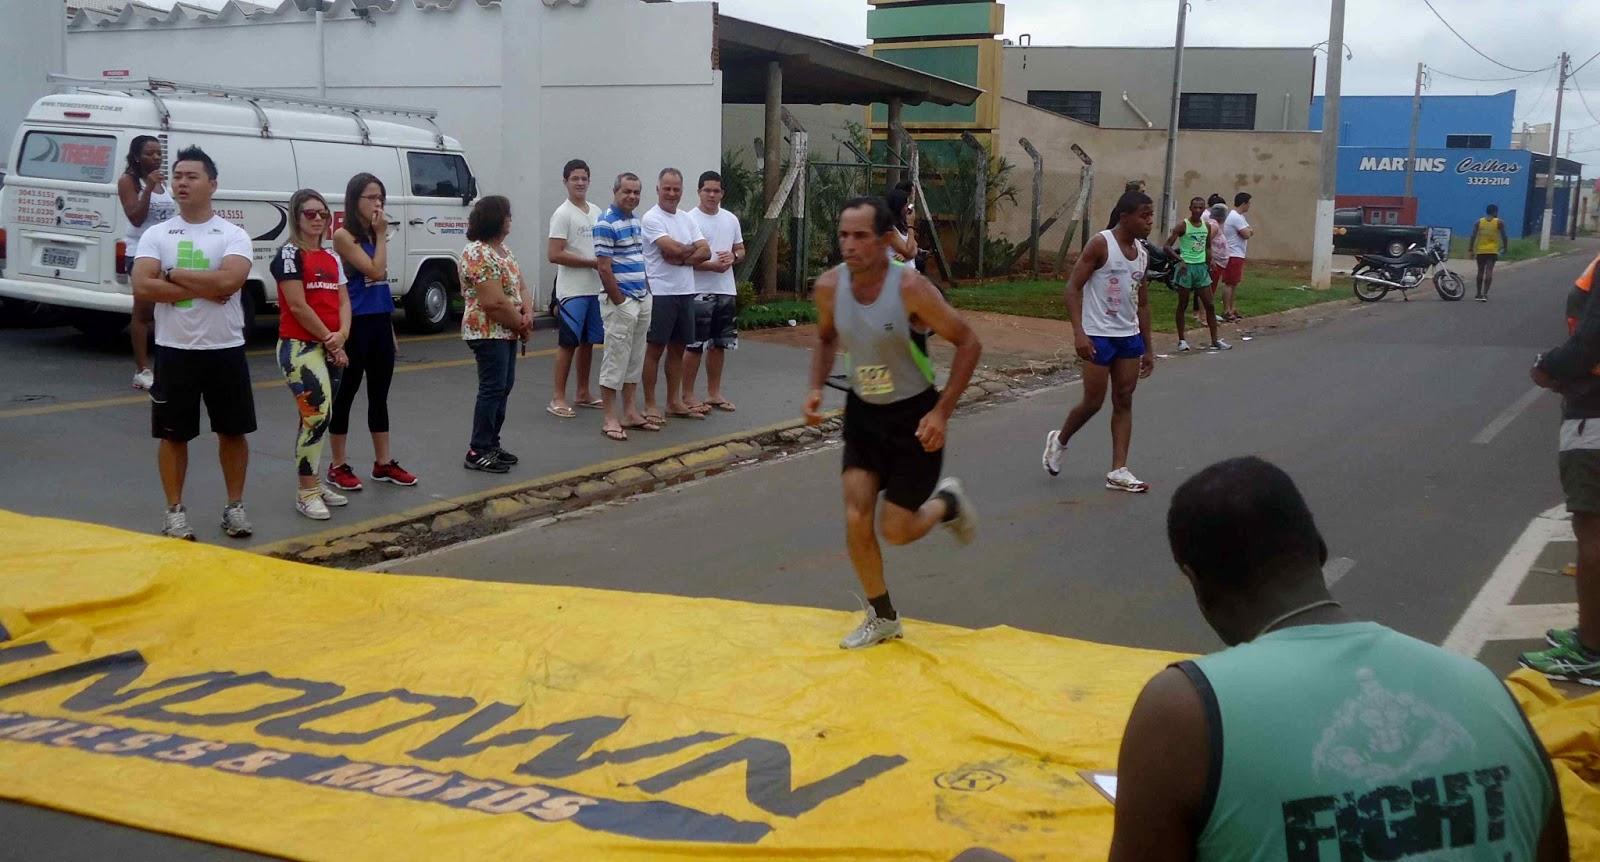 Foto 102 da 1ª Corrida Av. dos Coqueiros em Barretos-SP 14/04/2013 – Atletas cruzando a linha de chegada